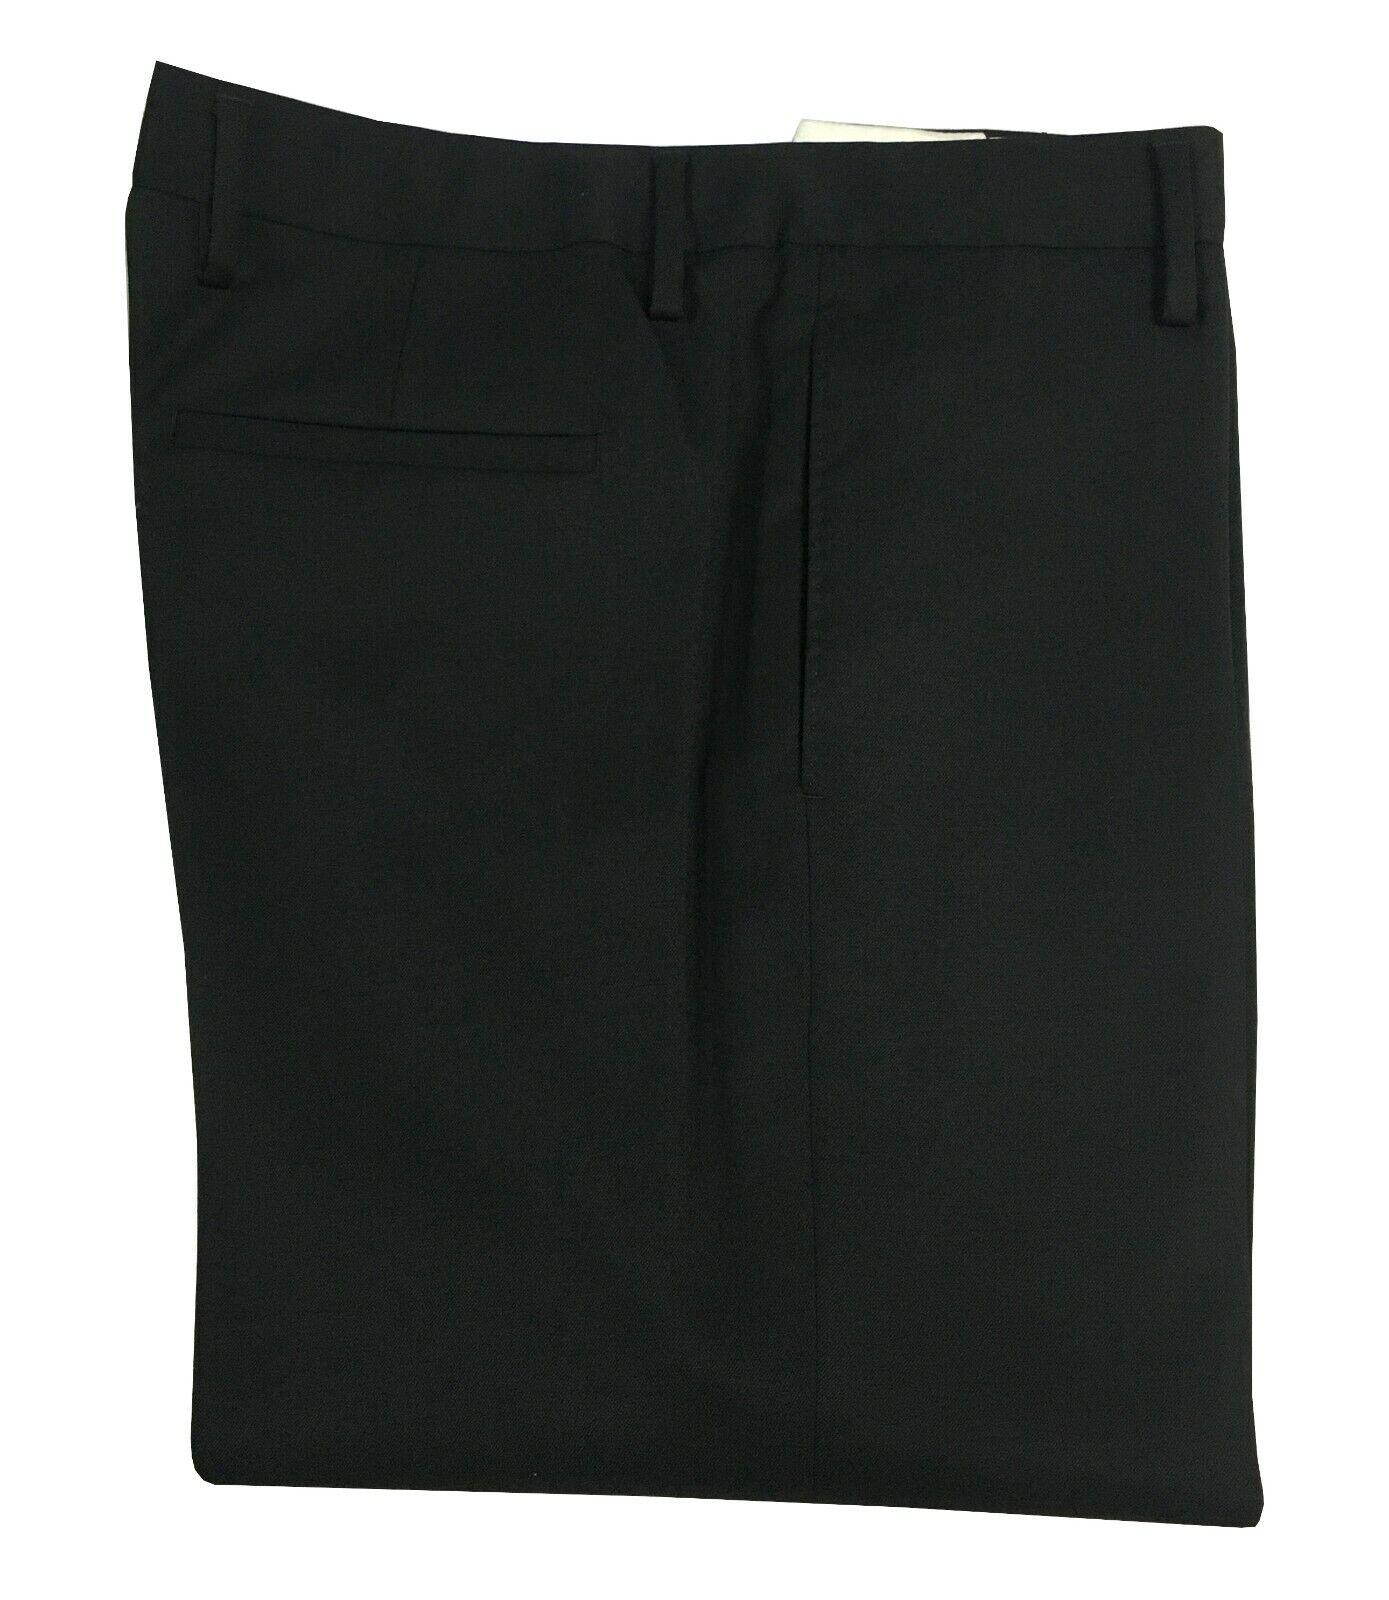 MAURO GRIFONI pantalone uomo nero tessuto diagonale flanella pesante MADE IN ITA